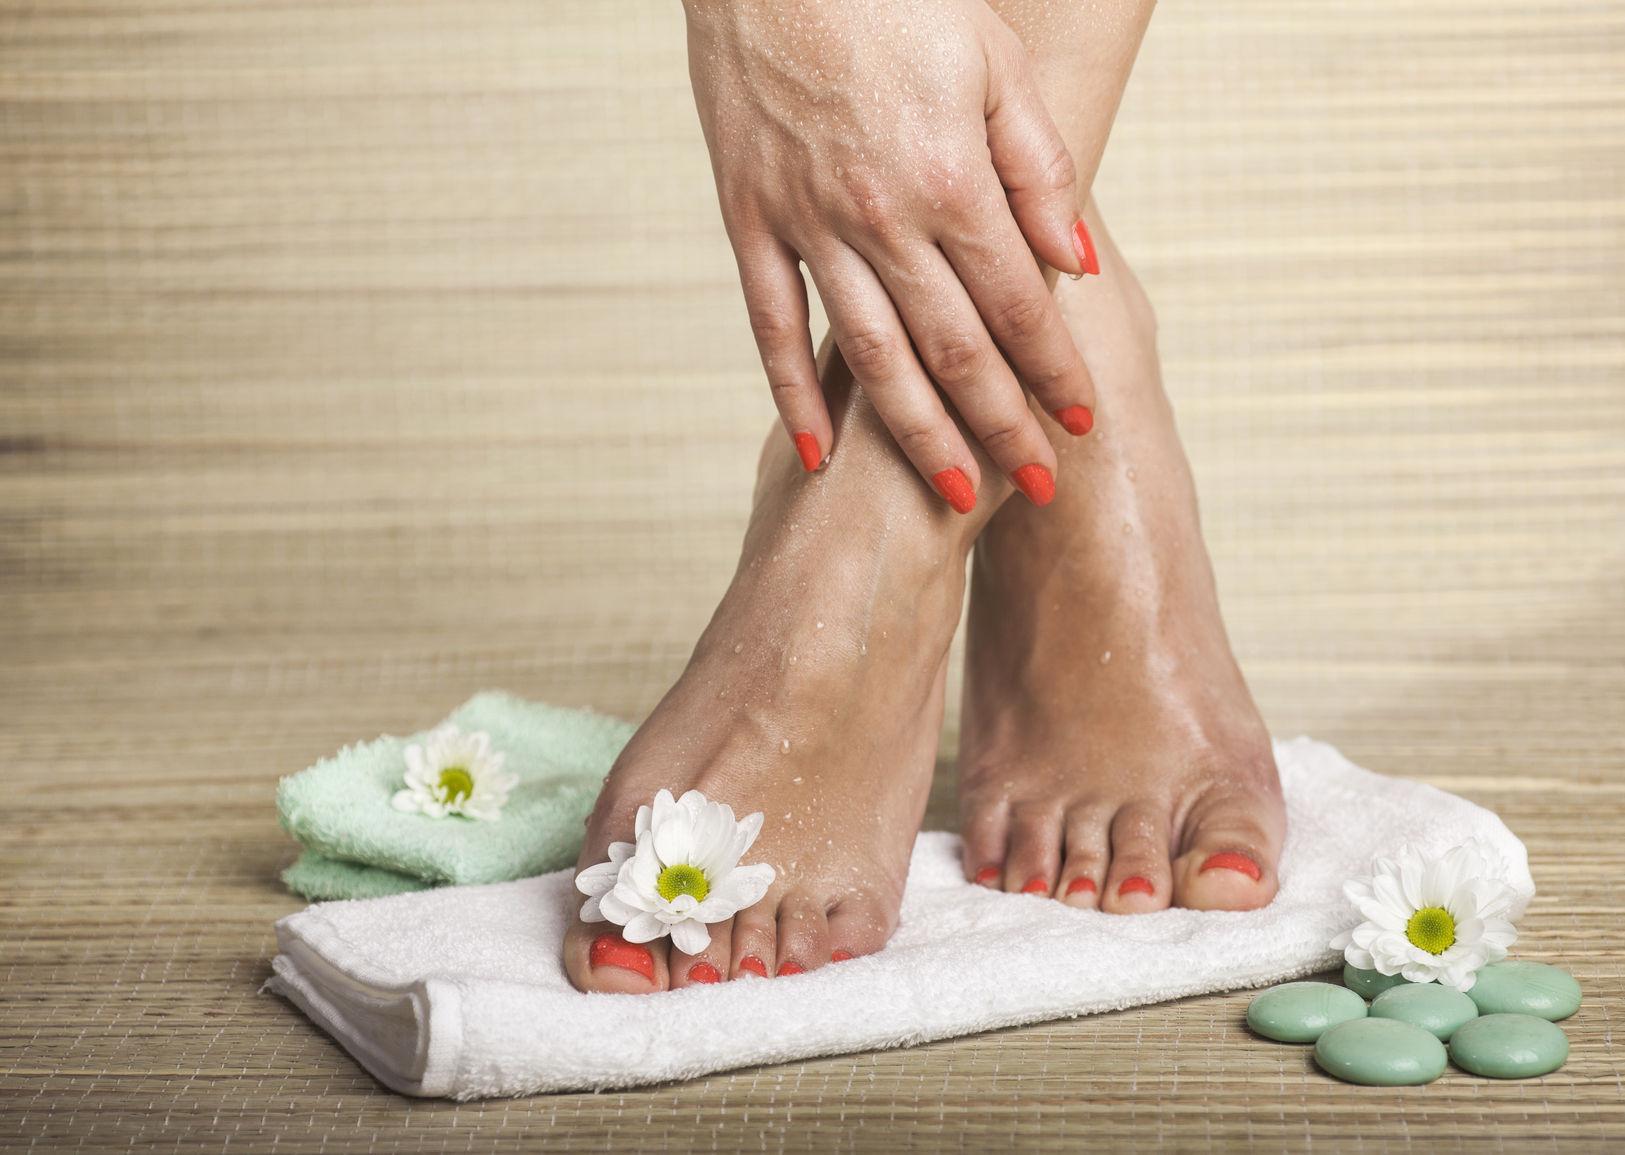 artrita picioarelor cum să o tratezi de ce se doare unghiile și articulațiile mâinilor